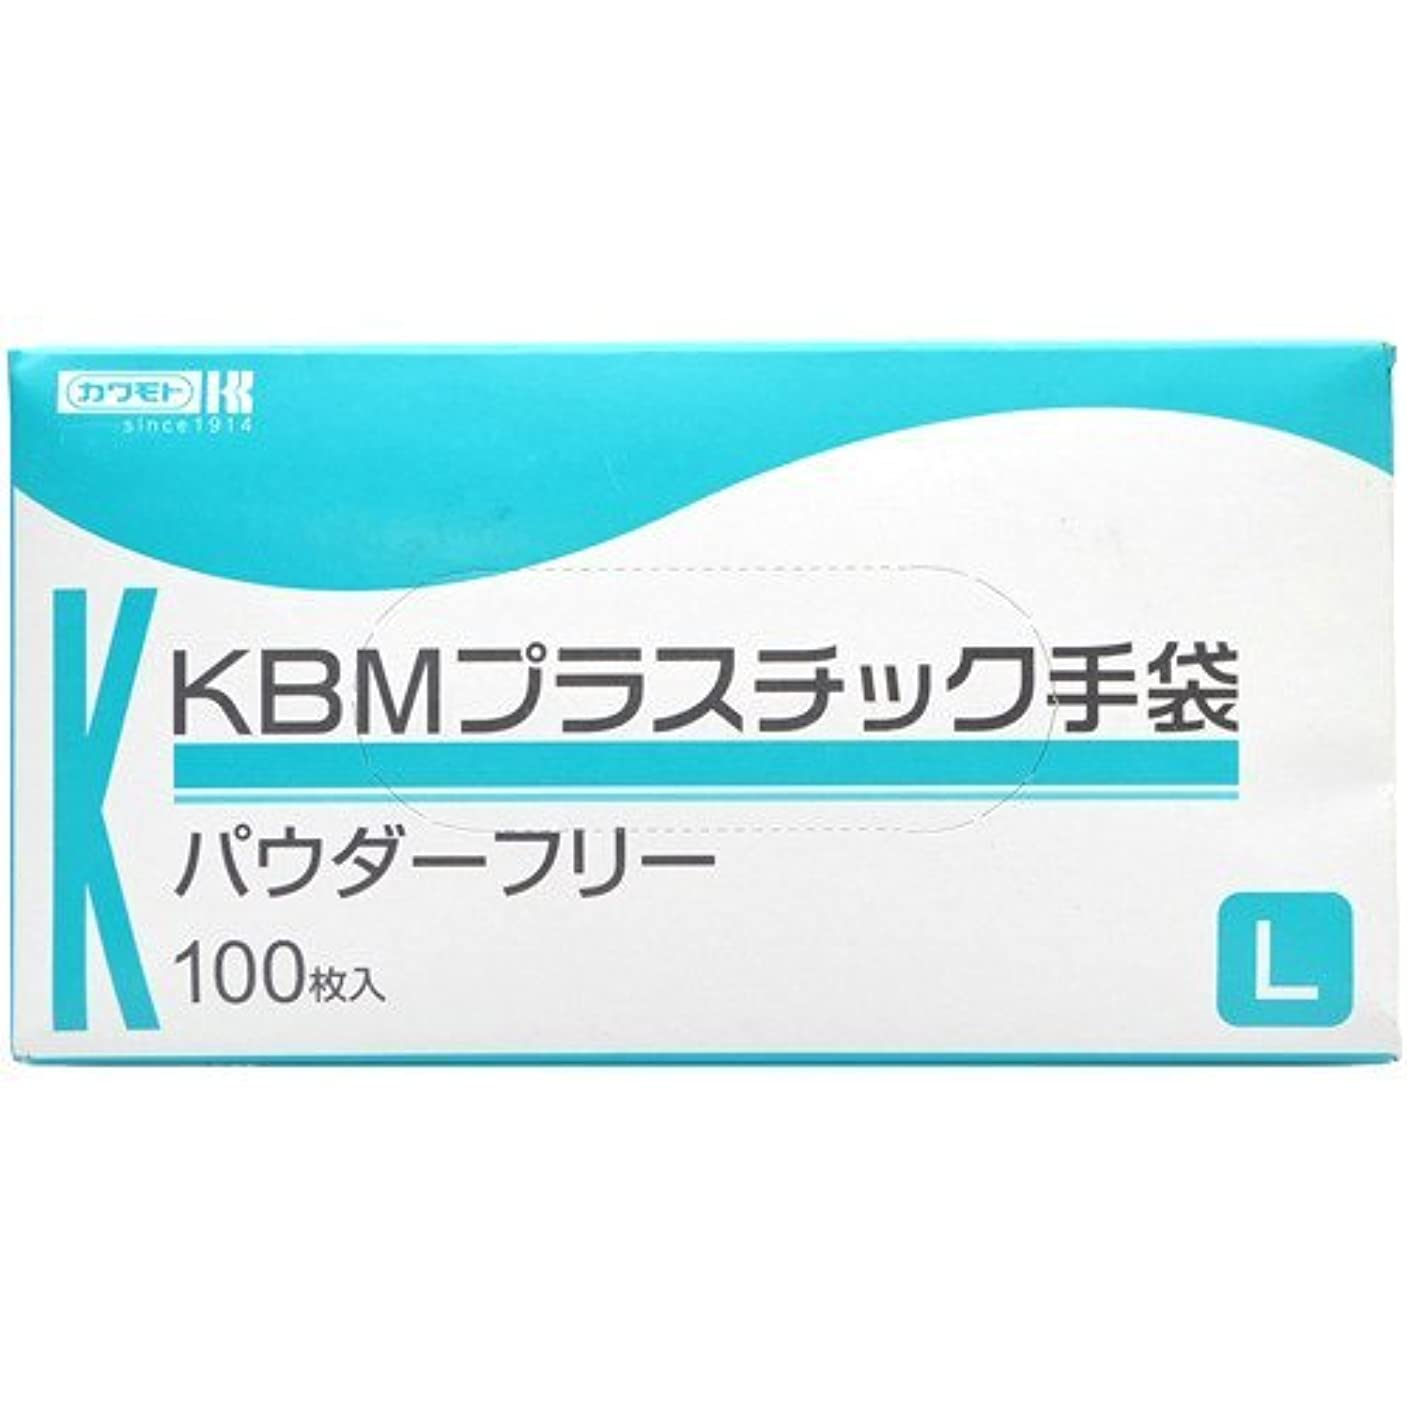 のスコアスタッフ篭川本産業 KBMプラスチック手袋 パウダーフリー L 100枚入